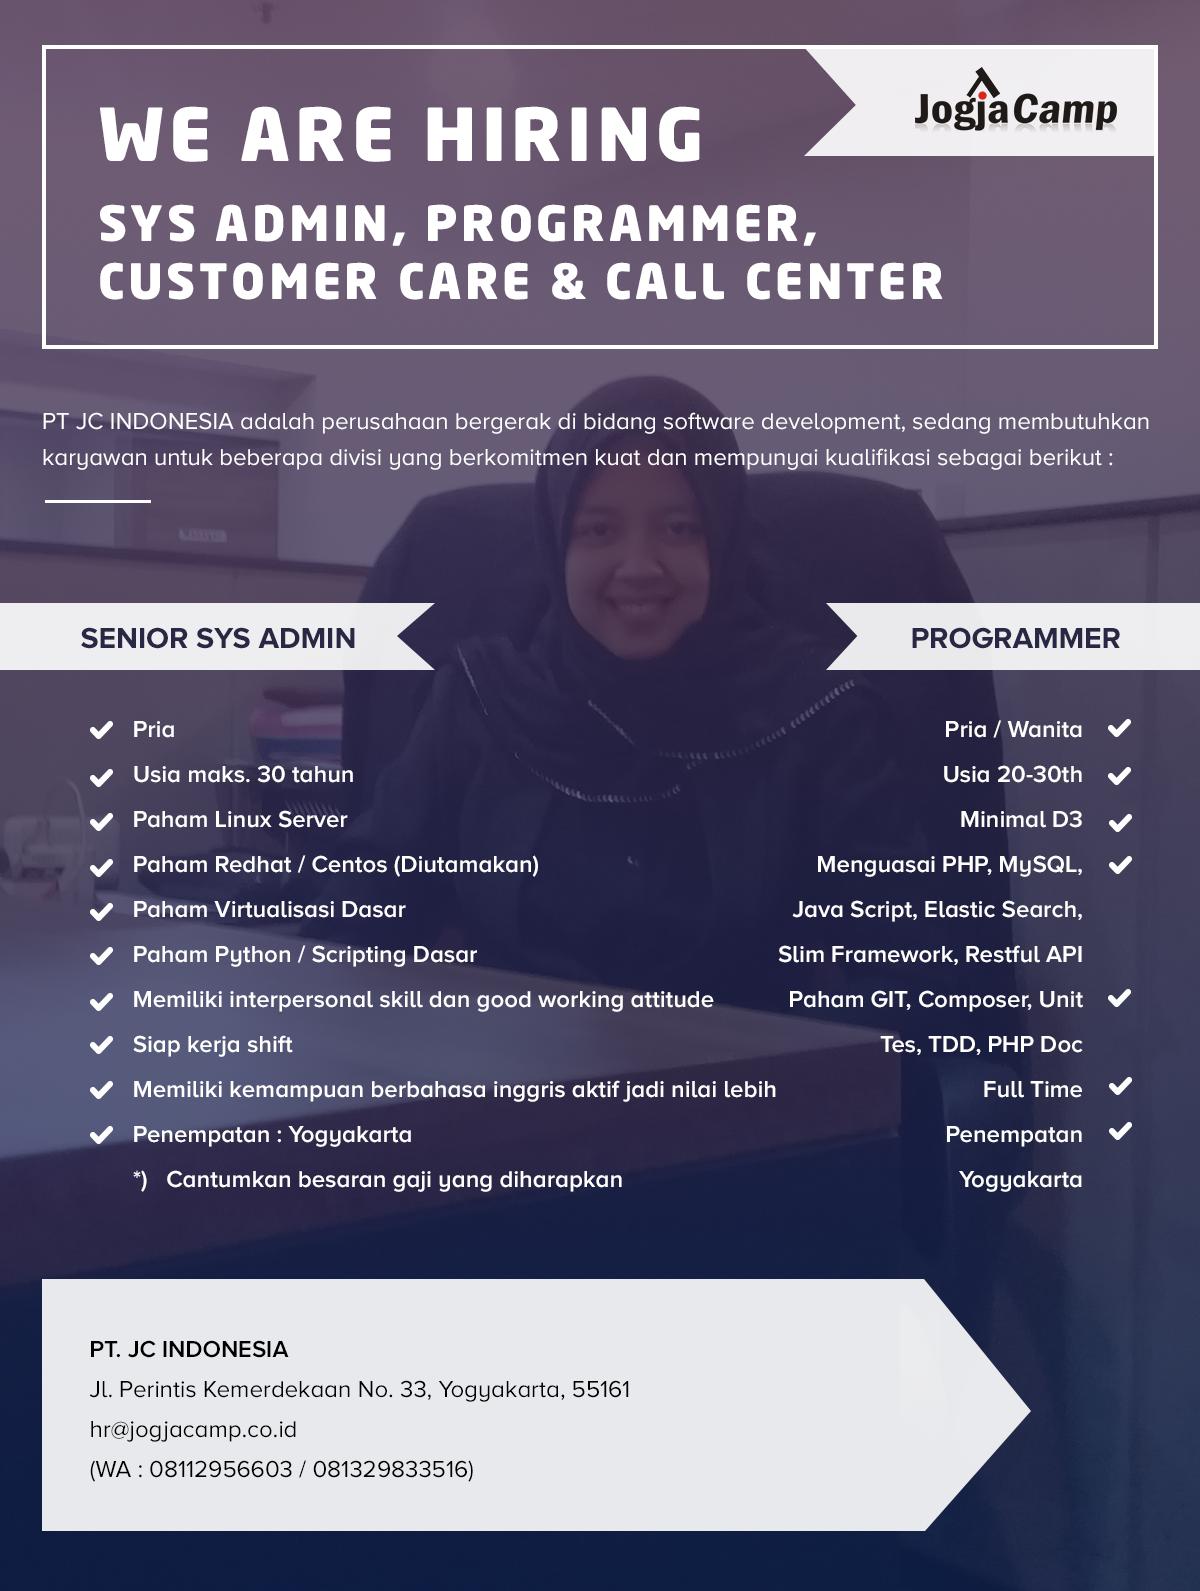 Jogjacamp Mencari Kamu Sys Admin Programmer Customer Care Call Center Apakah Itu Kamu Untuk Penempatan Yogyakarta Buruan Daf Linux Indonesia Gerak